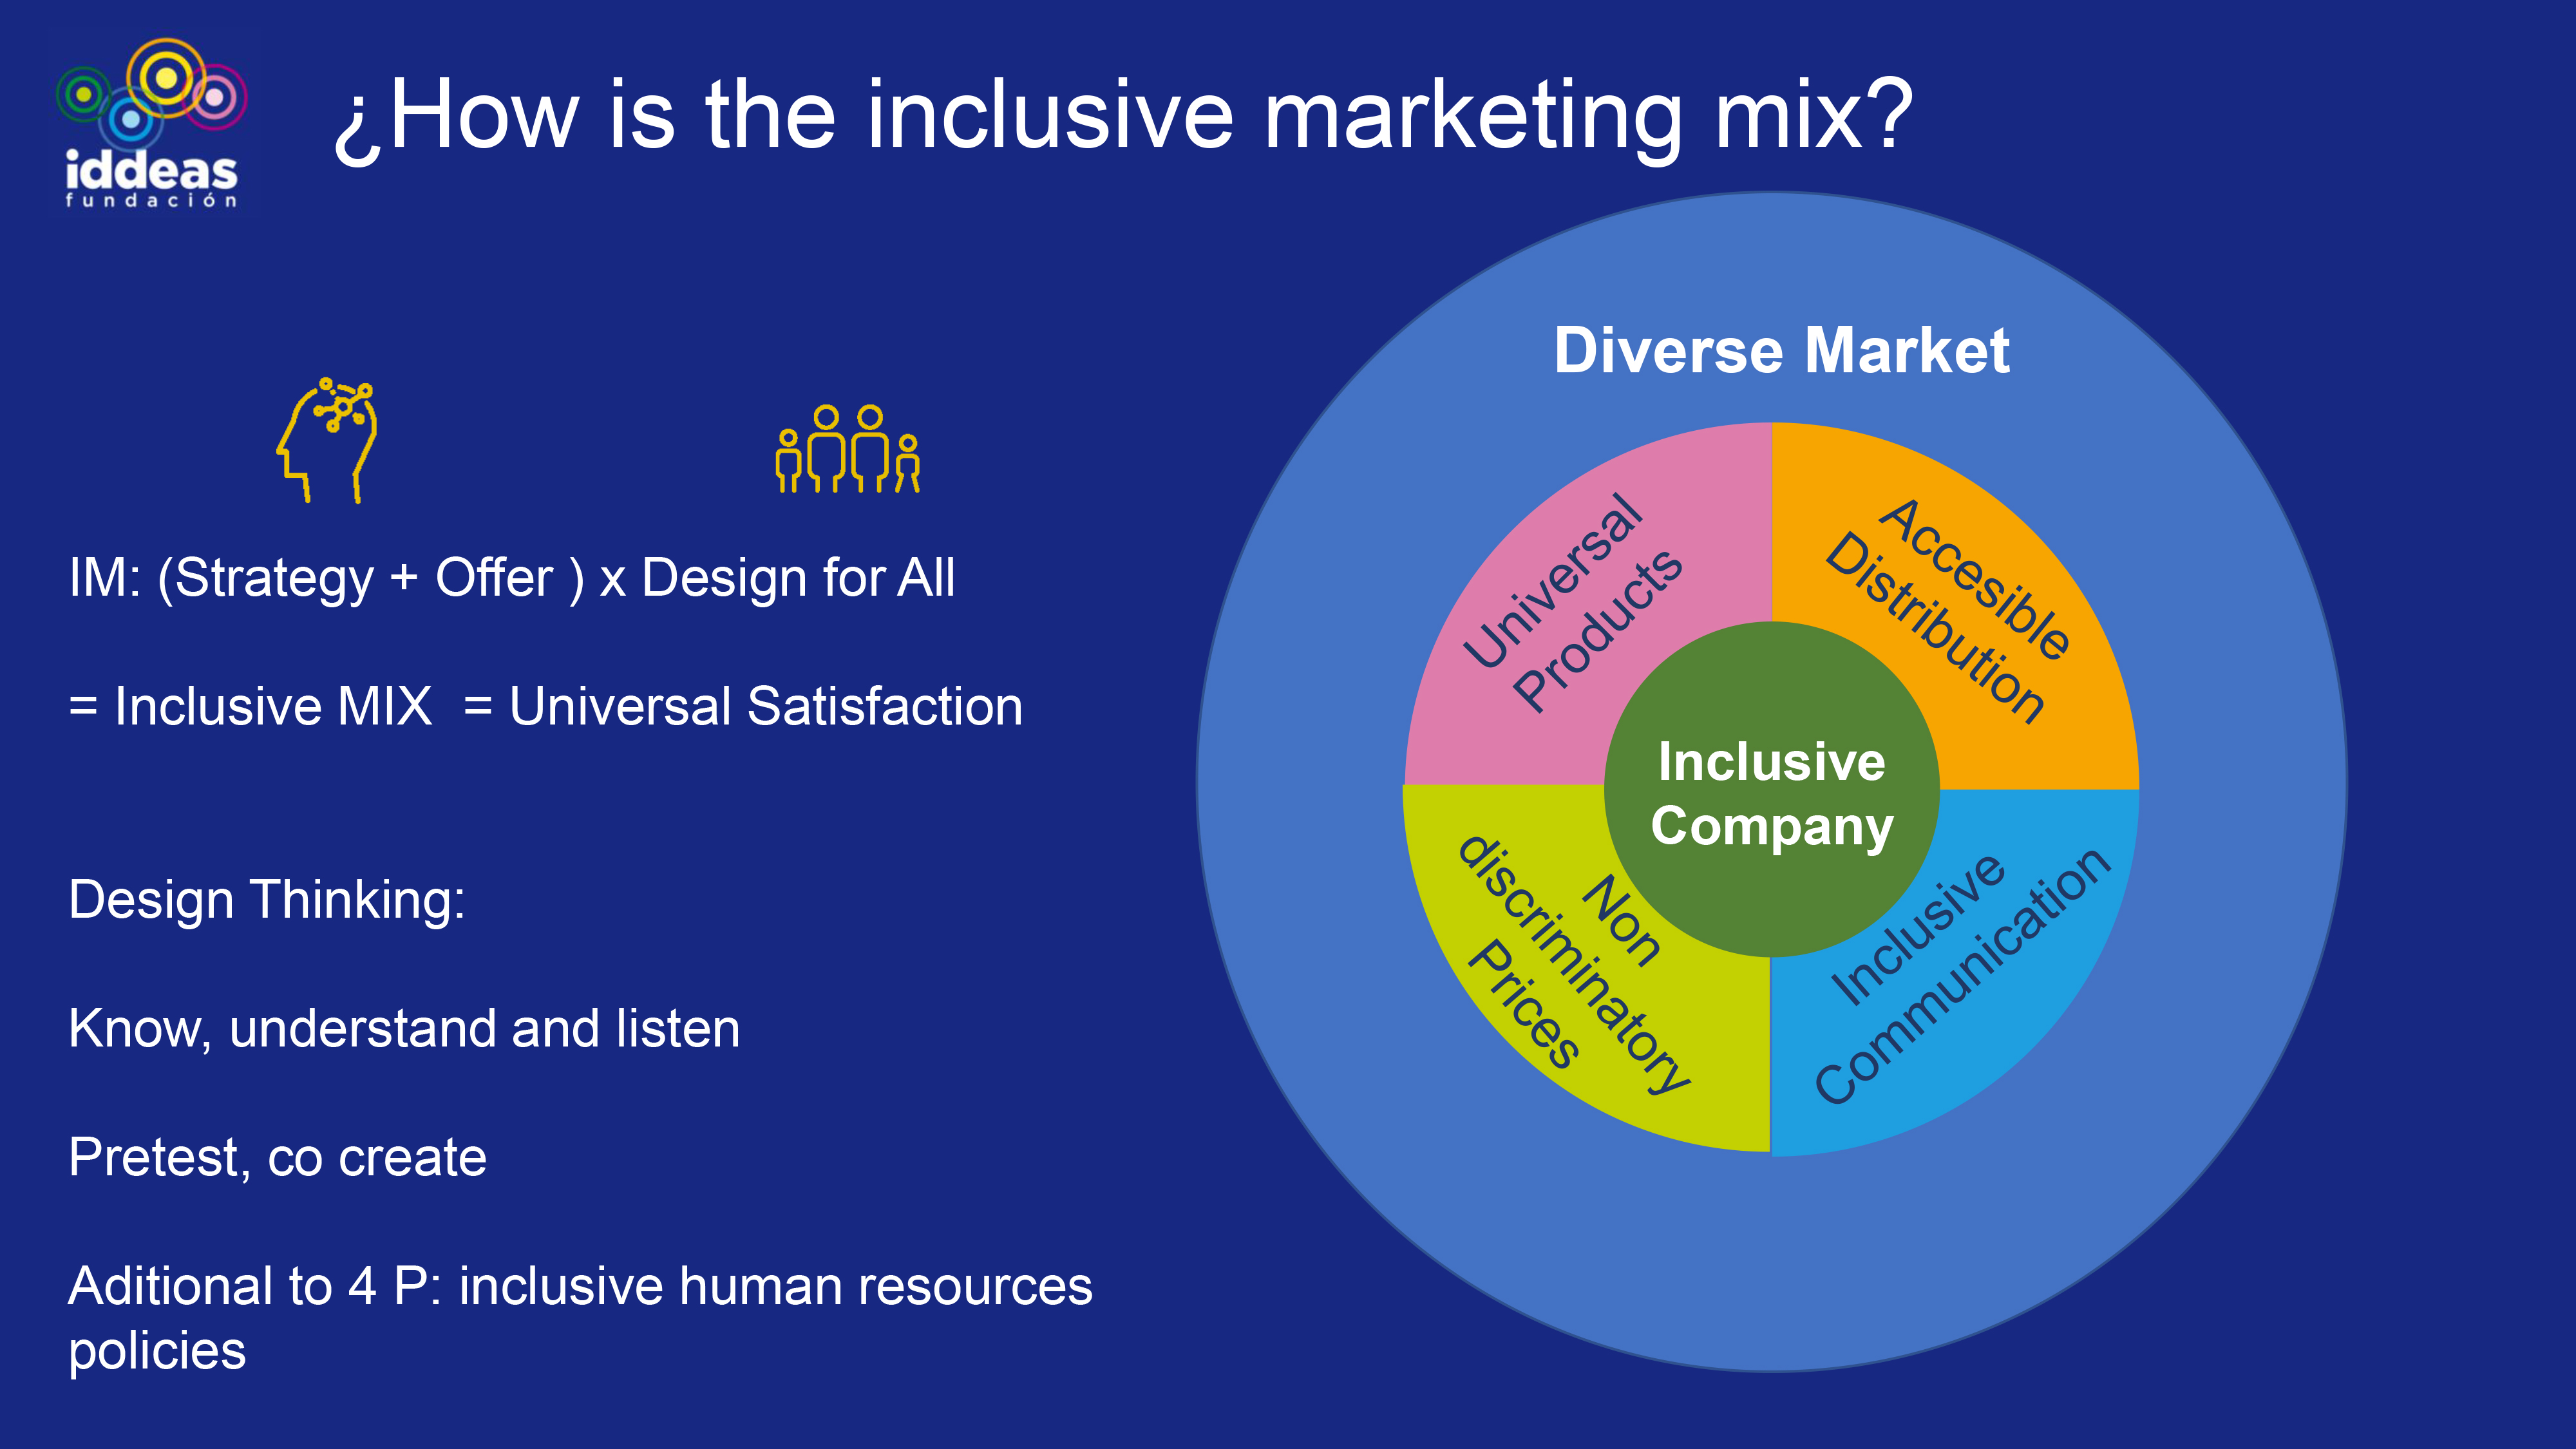 Diapositiva en inglés de la presentación. En ella se muestra cómo es el marqueting inclusivo. Además del diseño universal, la distribución accesible, los precios no discriminatorios y la comunicación inclusiva, debe tener políticas de inclusión laboral en la empresa.